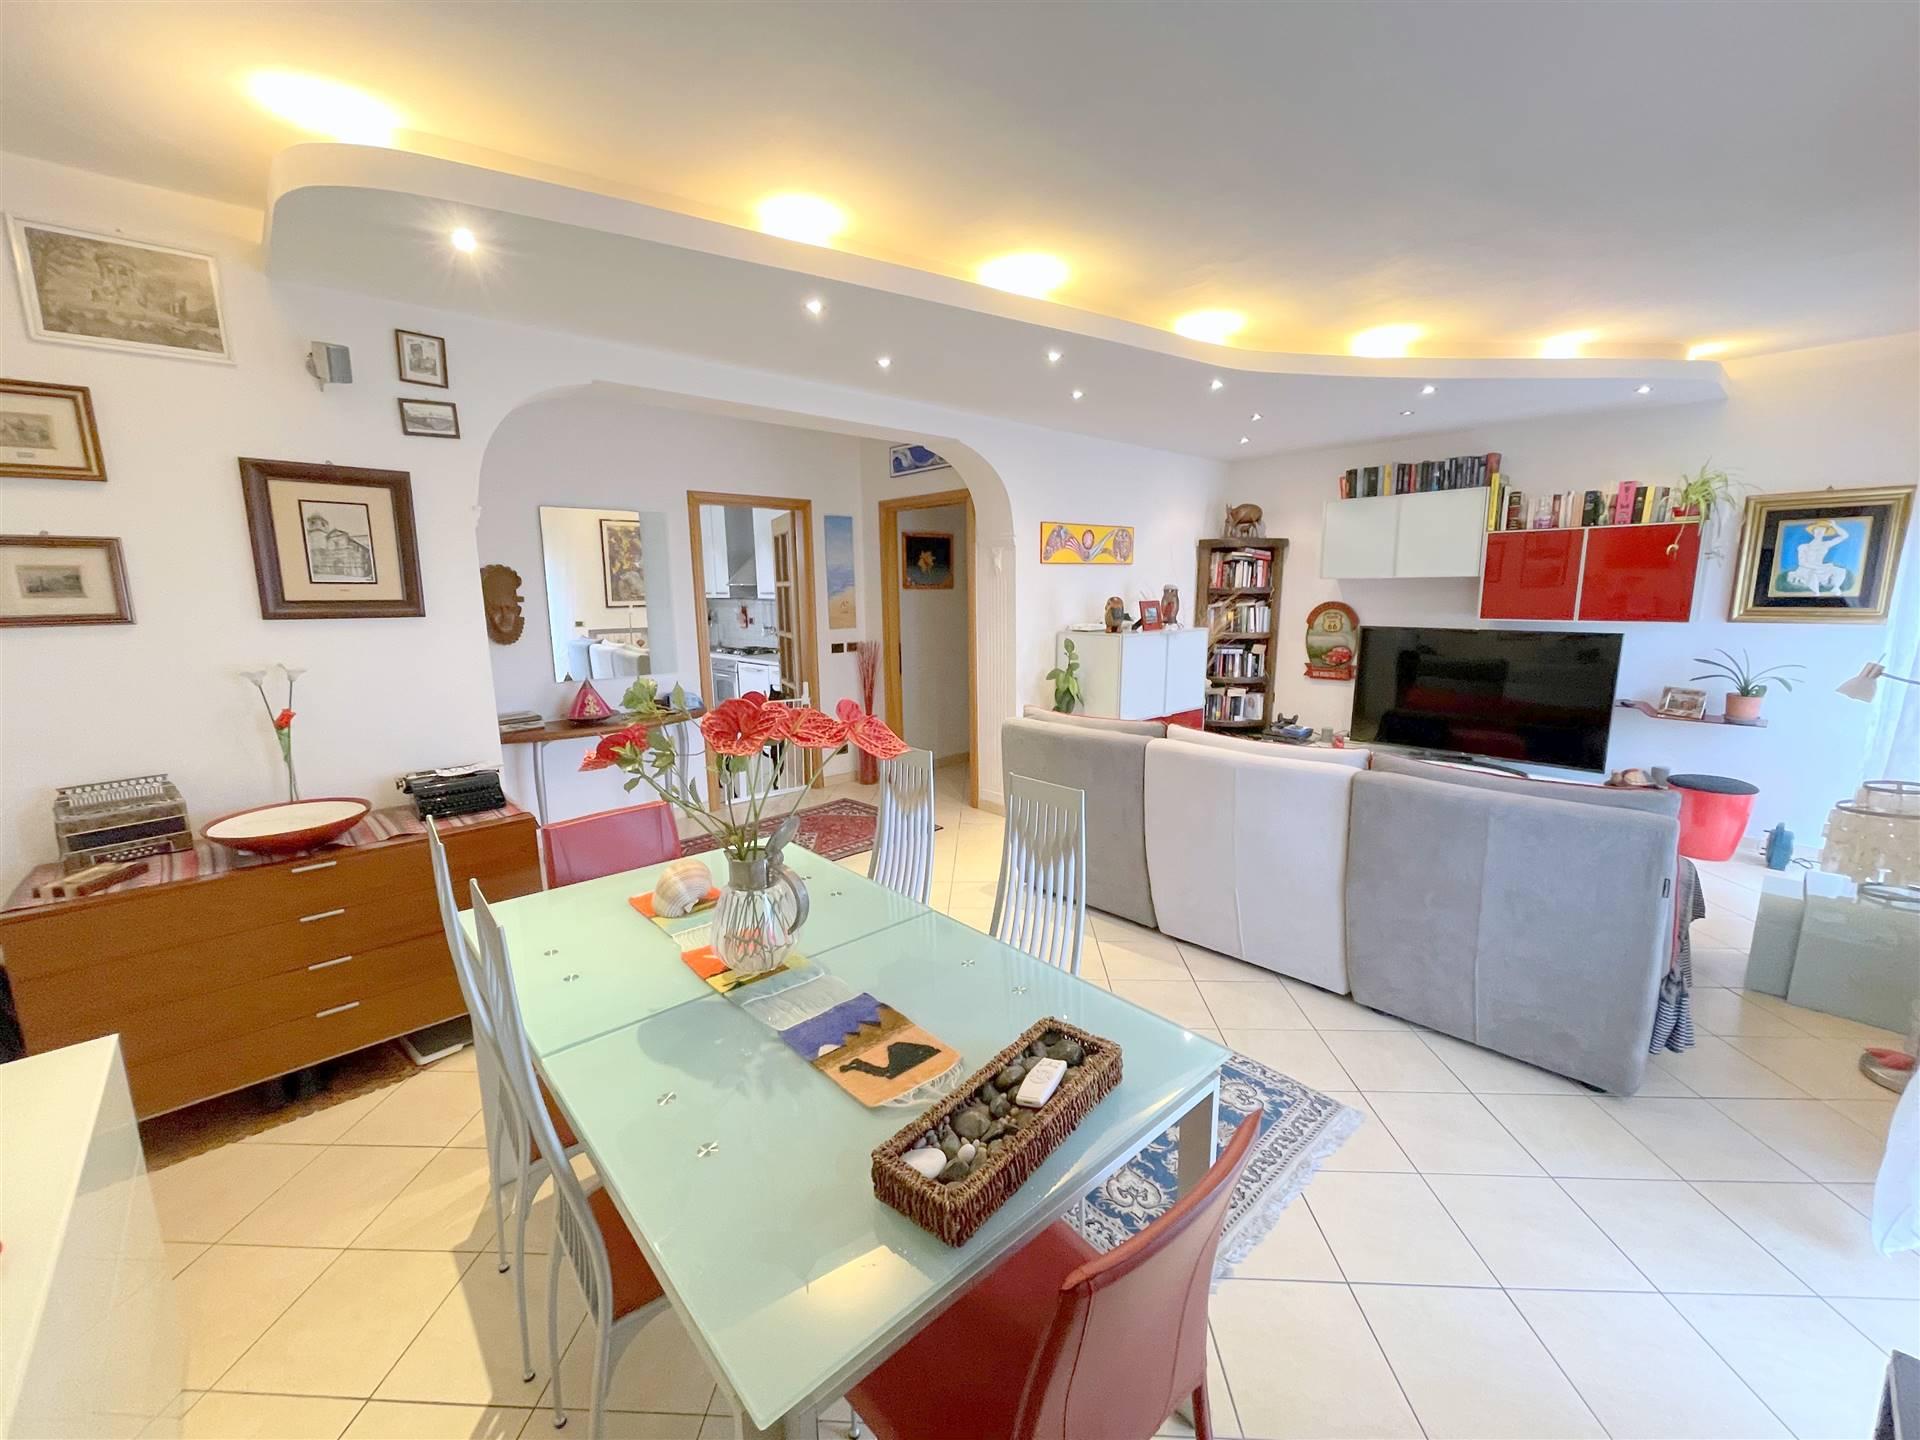 ALL IMMOBILIARE SAS propone in VENDITA ad OSIMO - e precisamente a SAN BIAGIO - appartamento al secondo piano con garage in residenziale palazzina